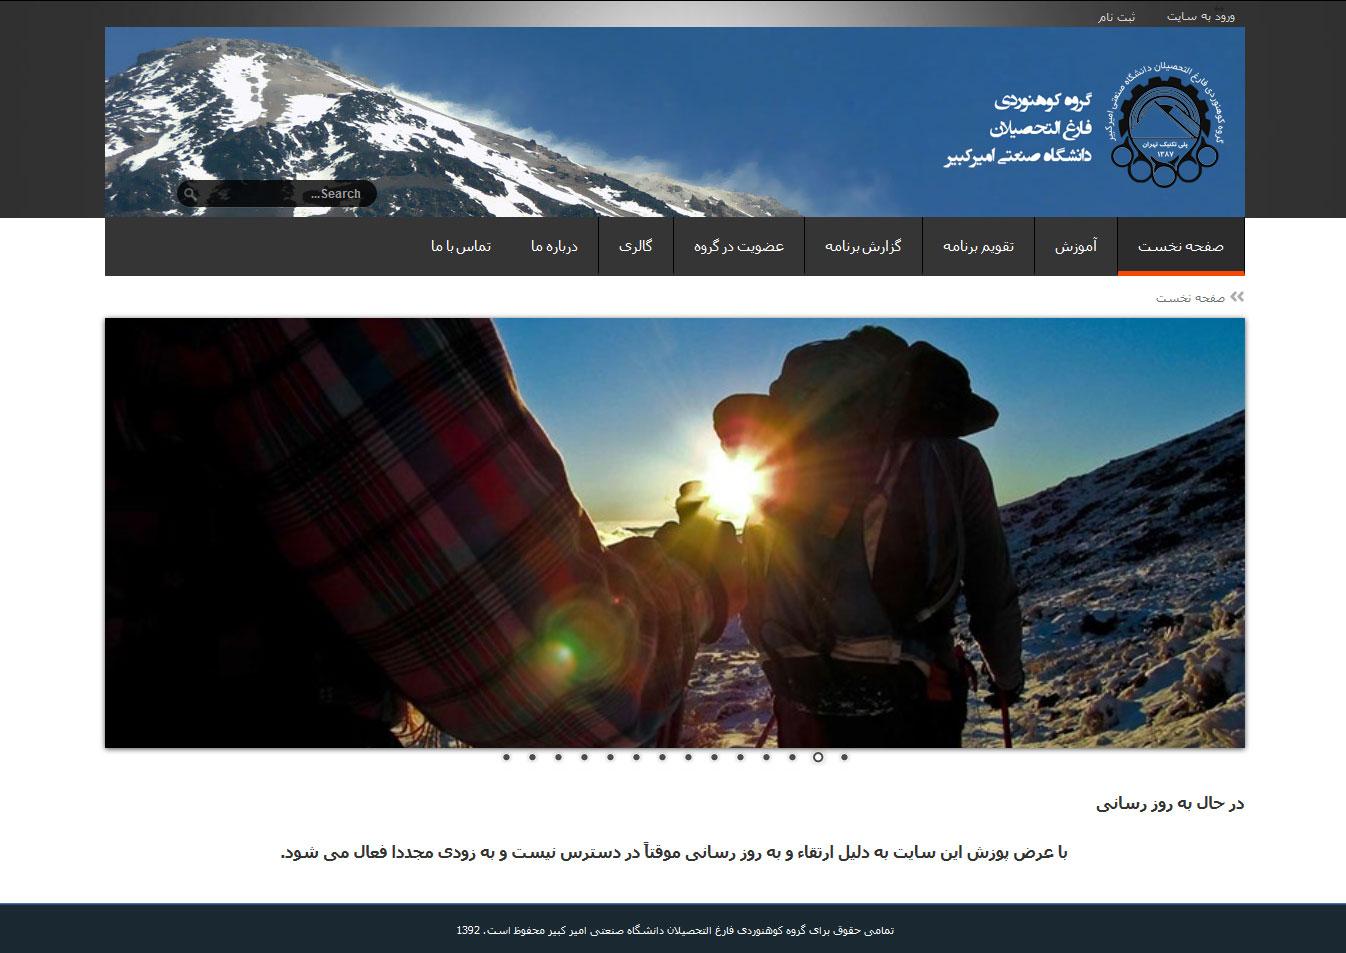 تصویری از صفحه نخست وبسایت گروه کوهنوردی فارغ التحصیلان دانشگاه صنعتی امیرکبیر